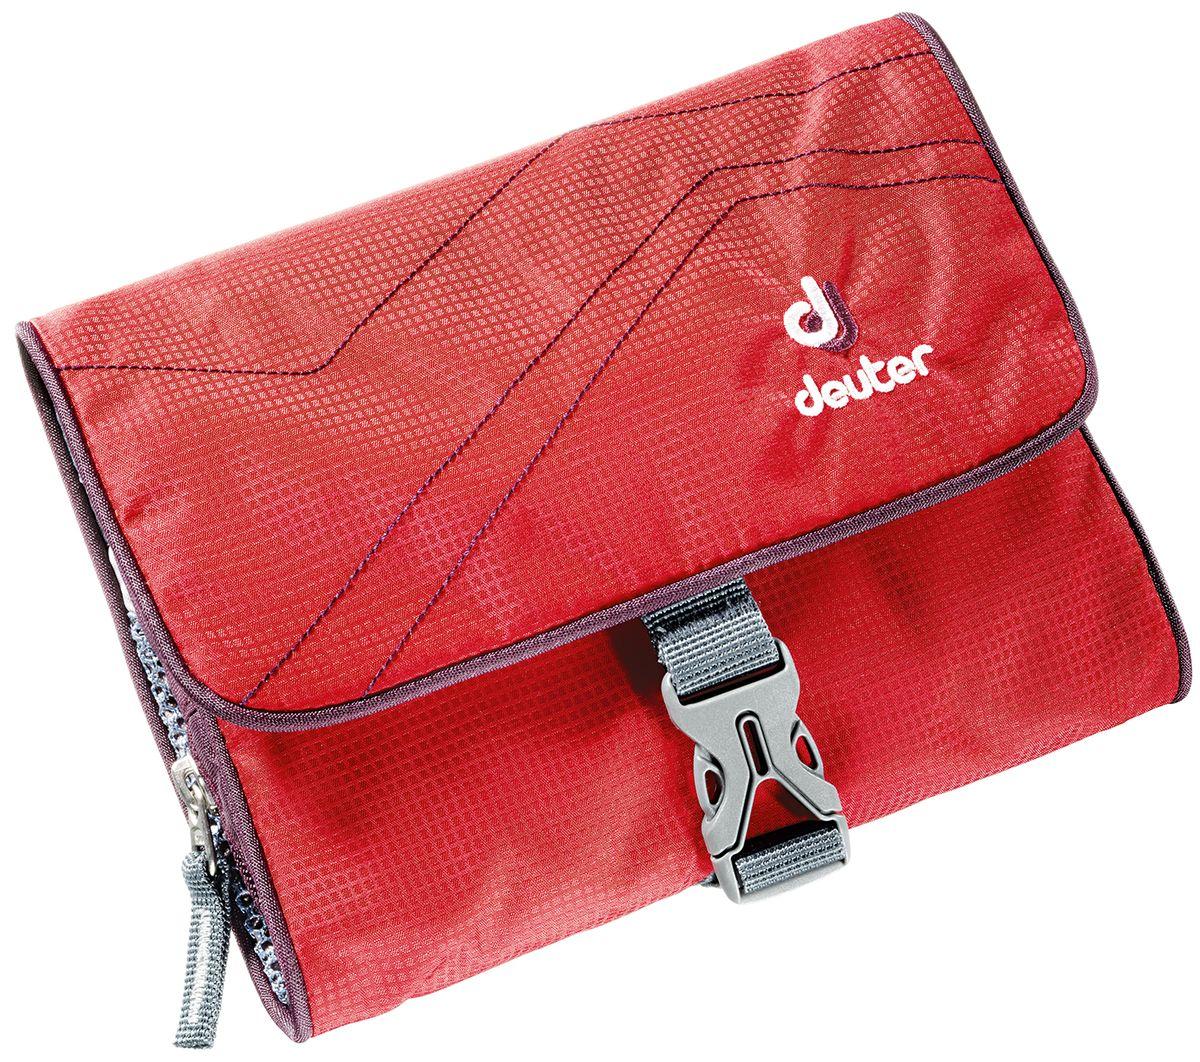 Косметичка Deuter Wash Bag I, цвет: красный, фиолетовый, 16 см x 19 см x 3 см39414_5513Deuter Wash bag I это компактная и лёгкая спортивная сумка для туалетных принадлежностей достаточно просторна, чтобы разместить в ней все аксессуары, необходимые для путешествия. В этом году косметичка получила новый дизайн и цвета. - два сетчатых отделения - один сетчатый карман на молнии - органайзер с петлями из эластичной ленты - пряжки-застёжка - крючок для подвески